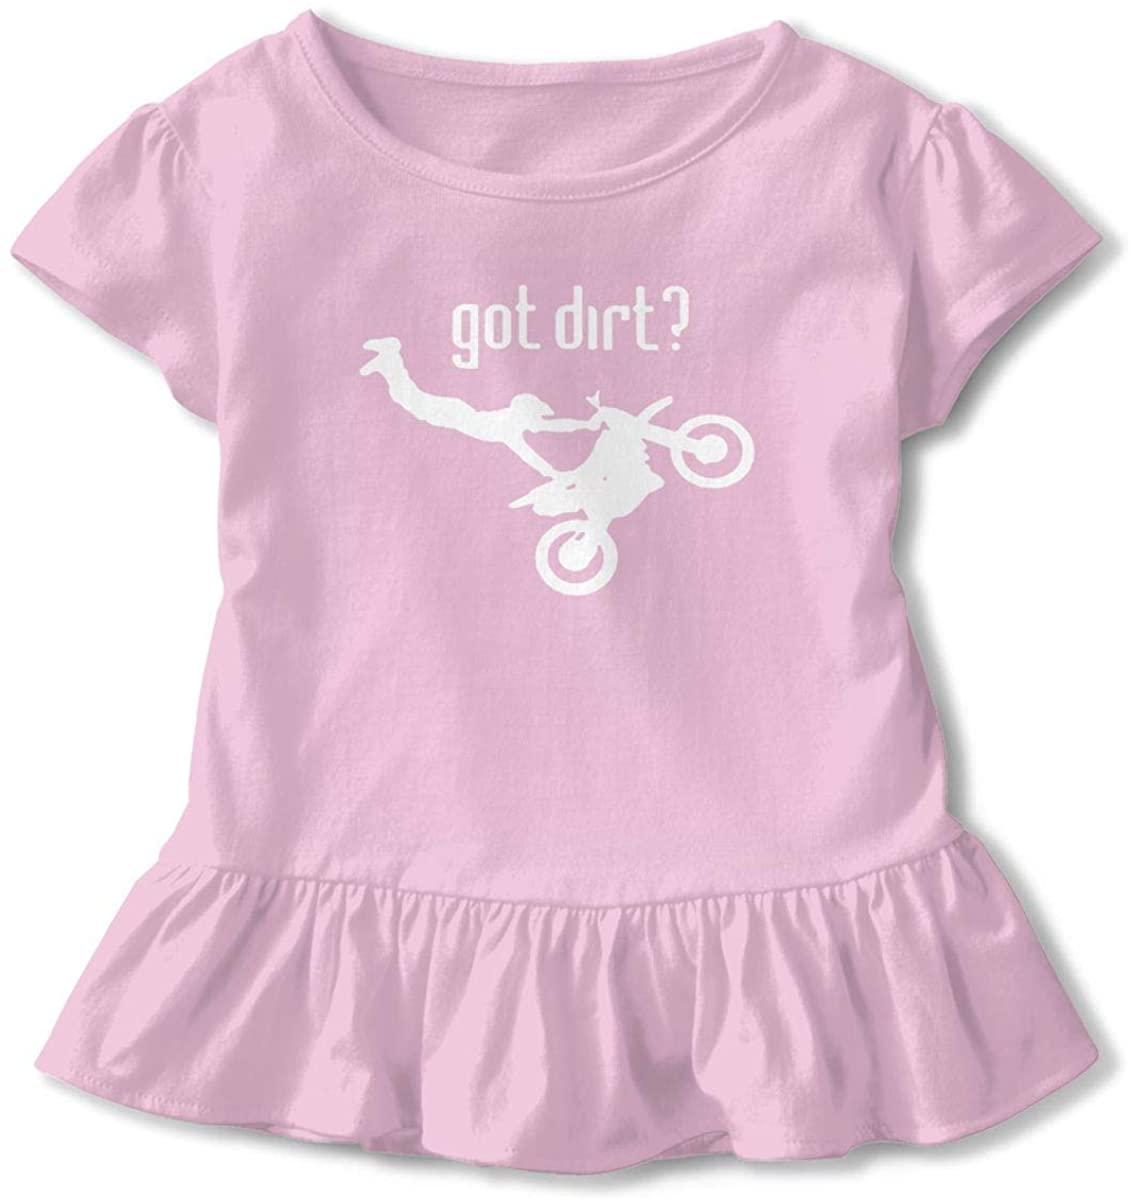 Got Dirt Bike Motocross Girls Kids Cute Tee Baseball Ruffle Dress Short Sleeve Cotton T Shirt Tops